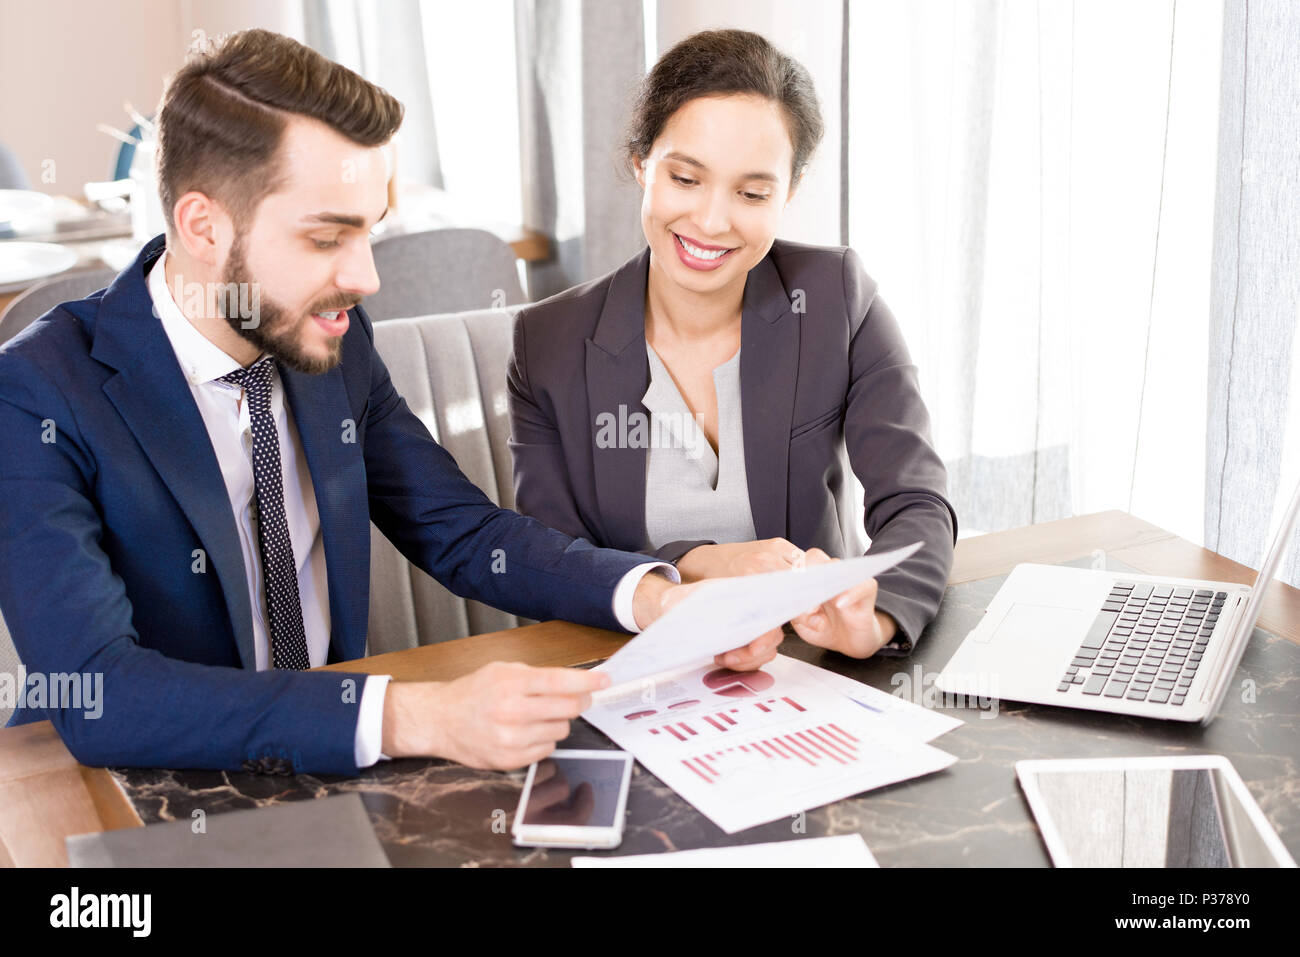 Previsione ottimistica i manager discutere paper Immagini Stock